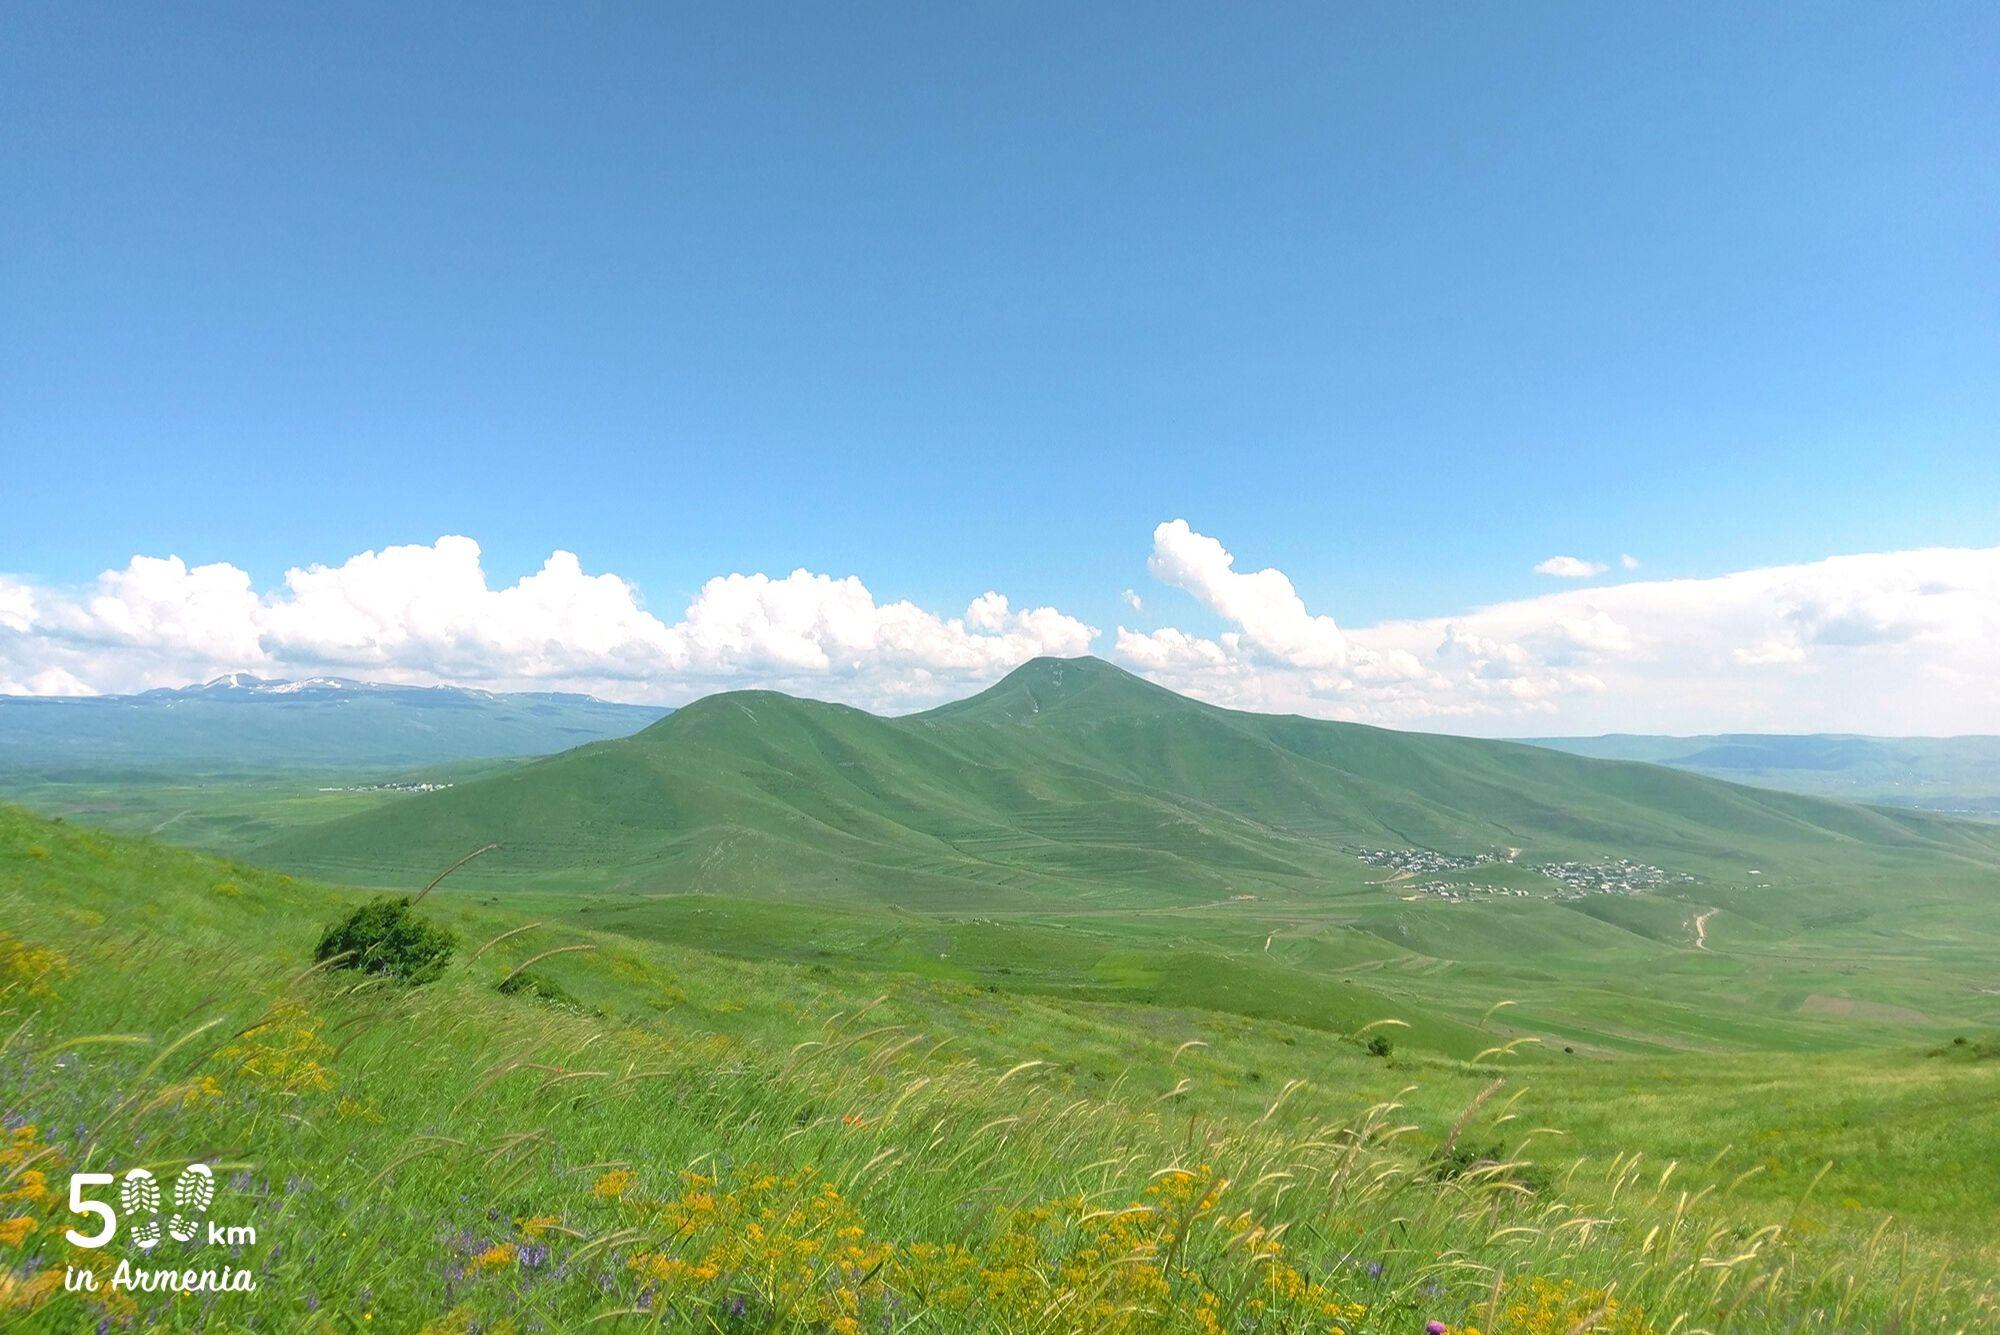 Հատիս - 500 կմ Հայաստանում